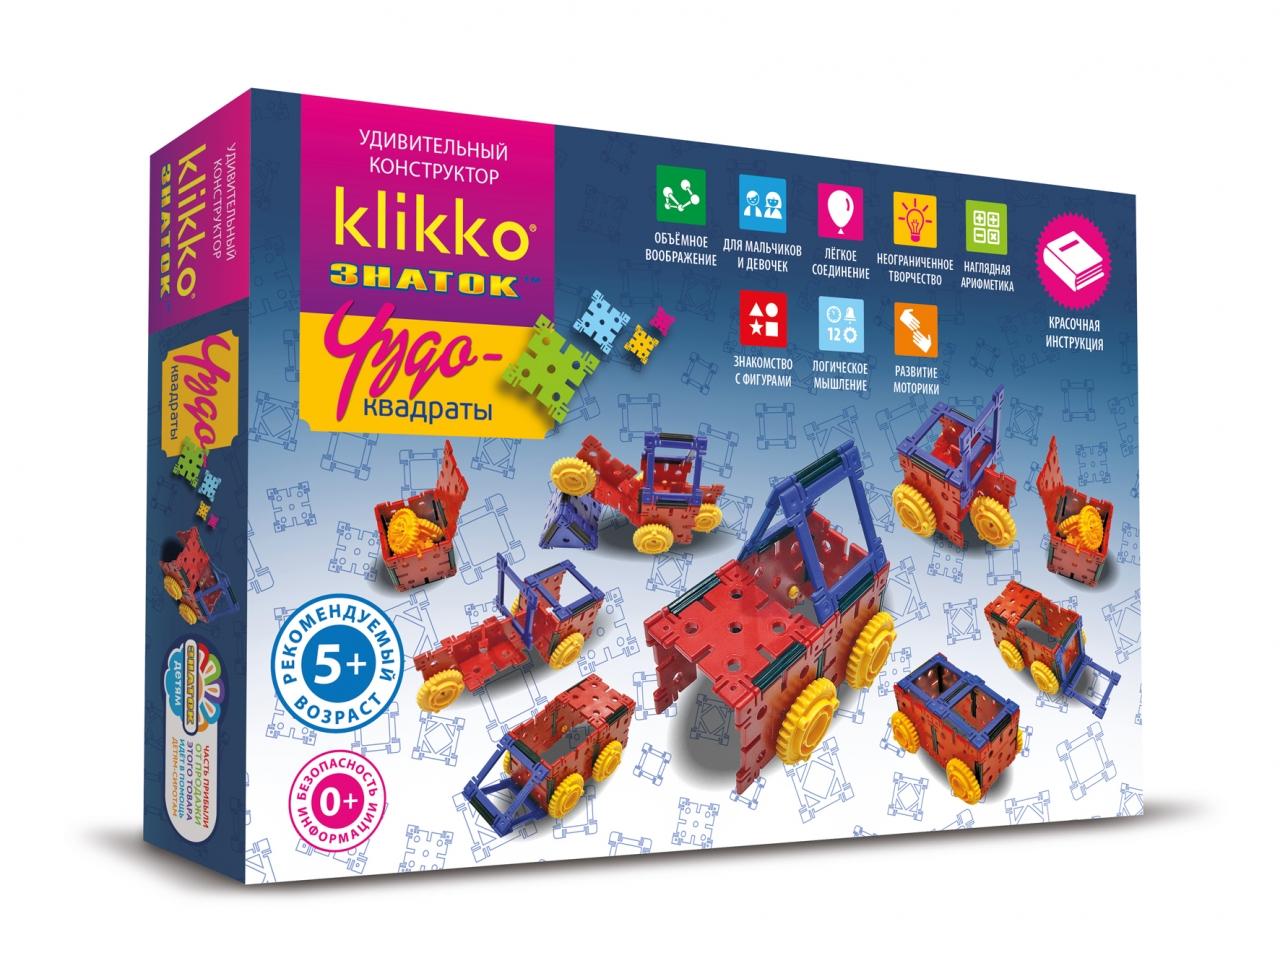 Купить Конструктор ЗНАТОК 38639 Klikko Чудо квадраты 12 в 1, Знаток, пластик, Для мальчиков и девочек, Китай, Конструкторы